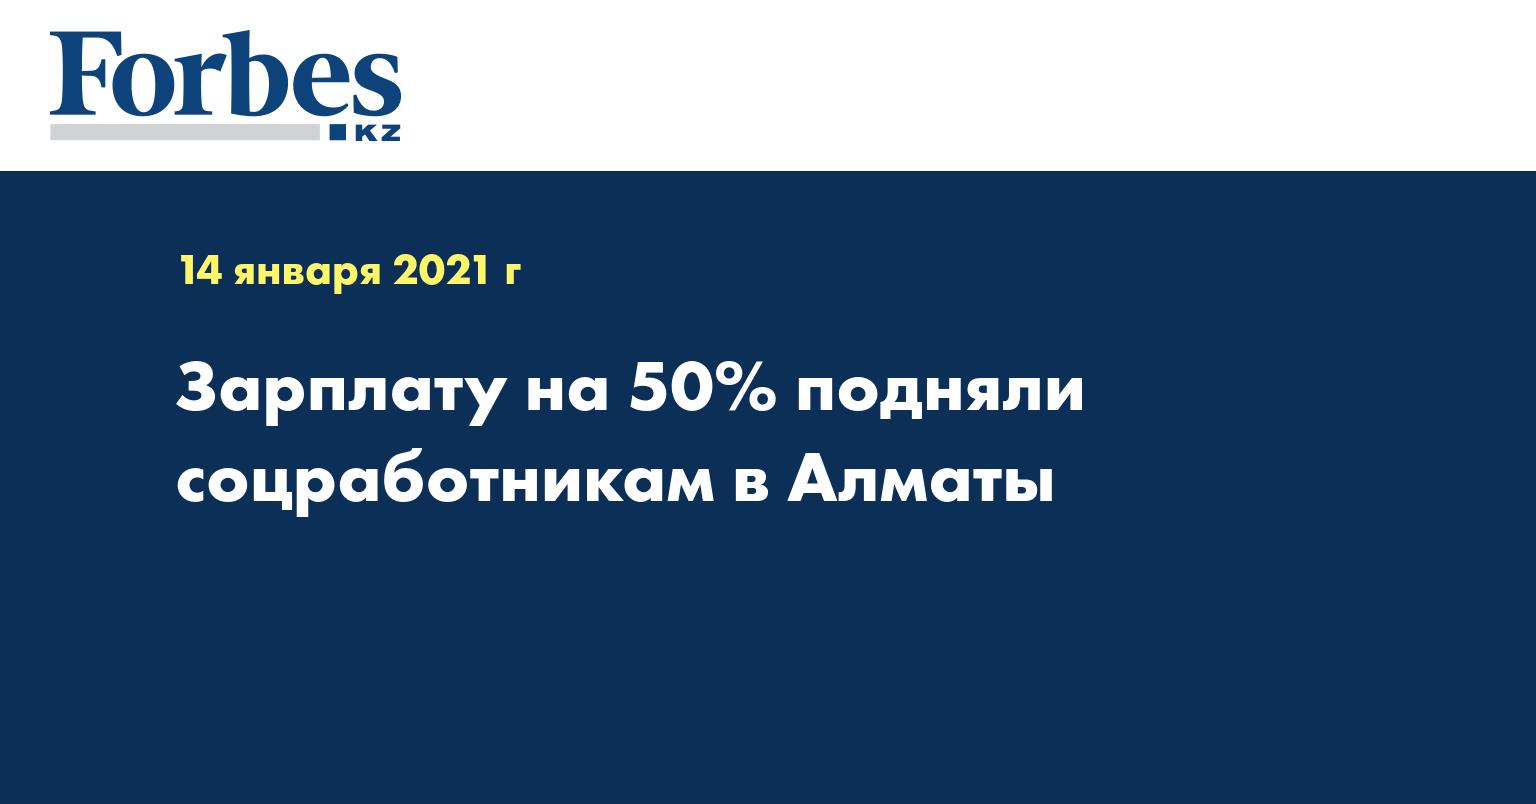 Зарплату на 50% подняли соцработникам в Алматы